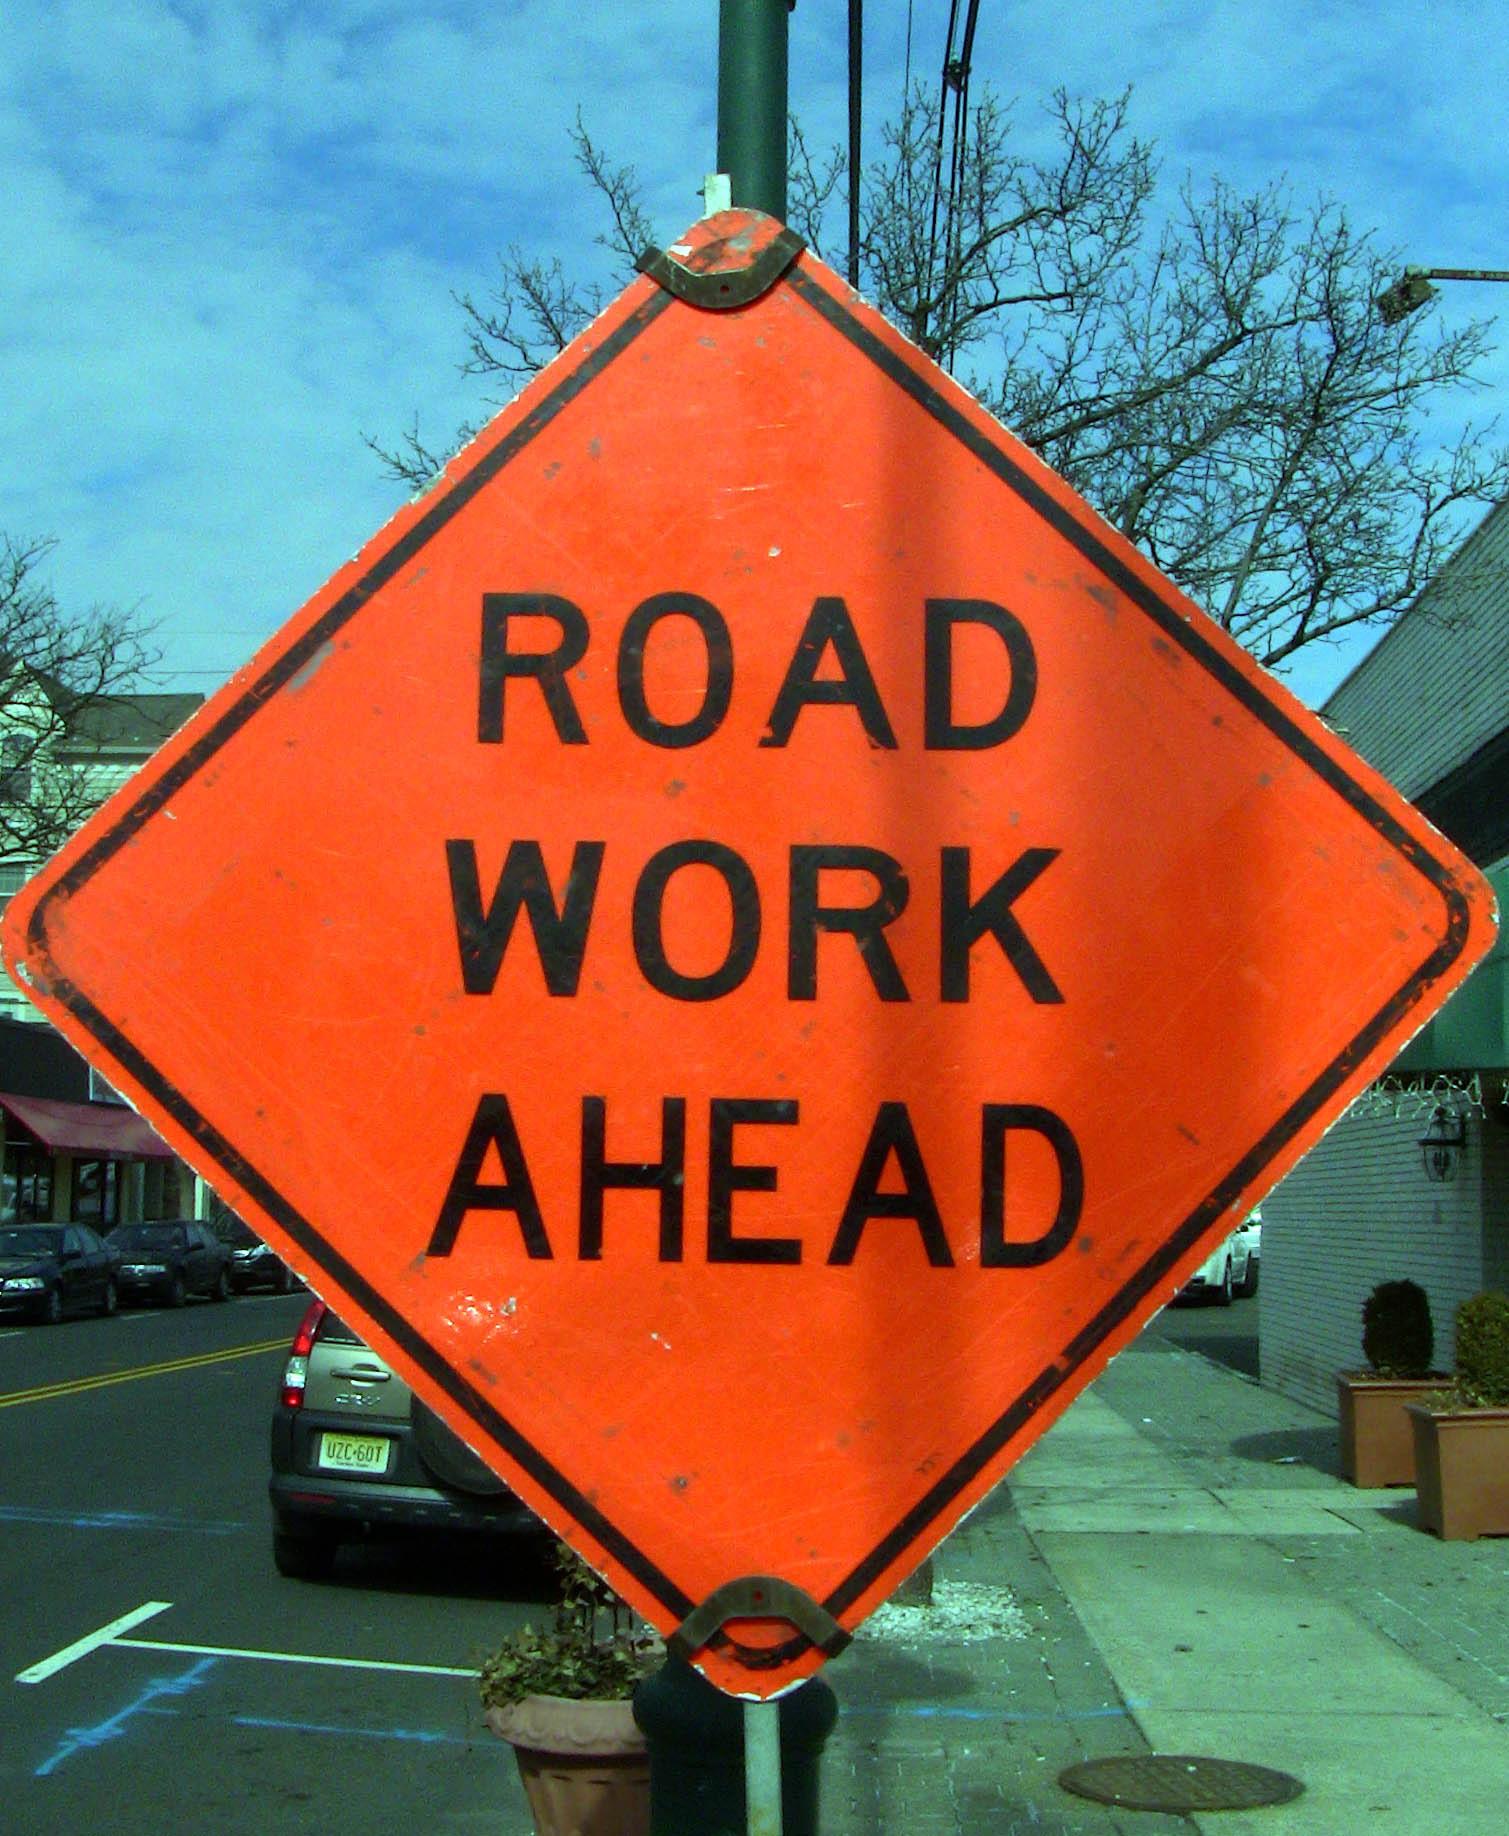 c3bda061faaf2eab6525_Road_Work_Ahead_sign.jpg